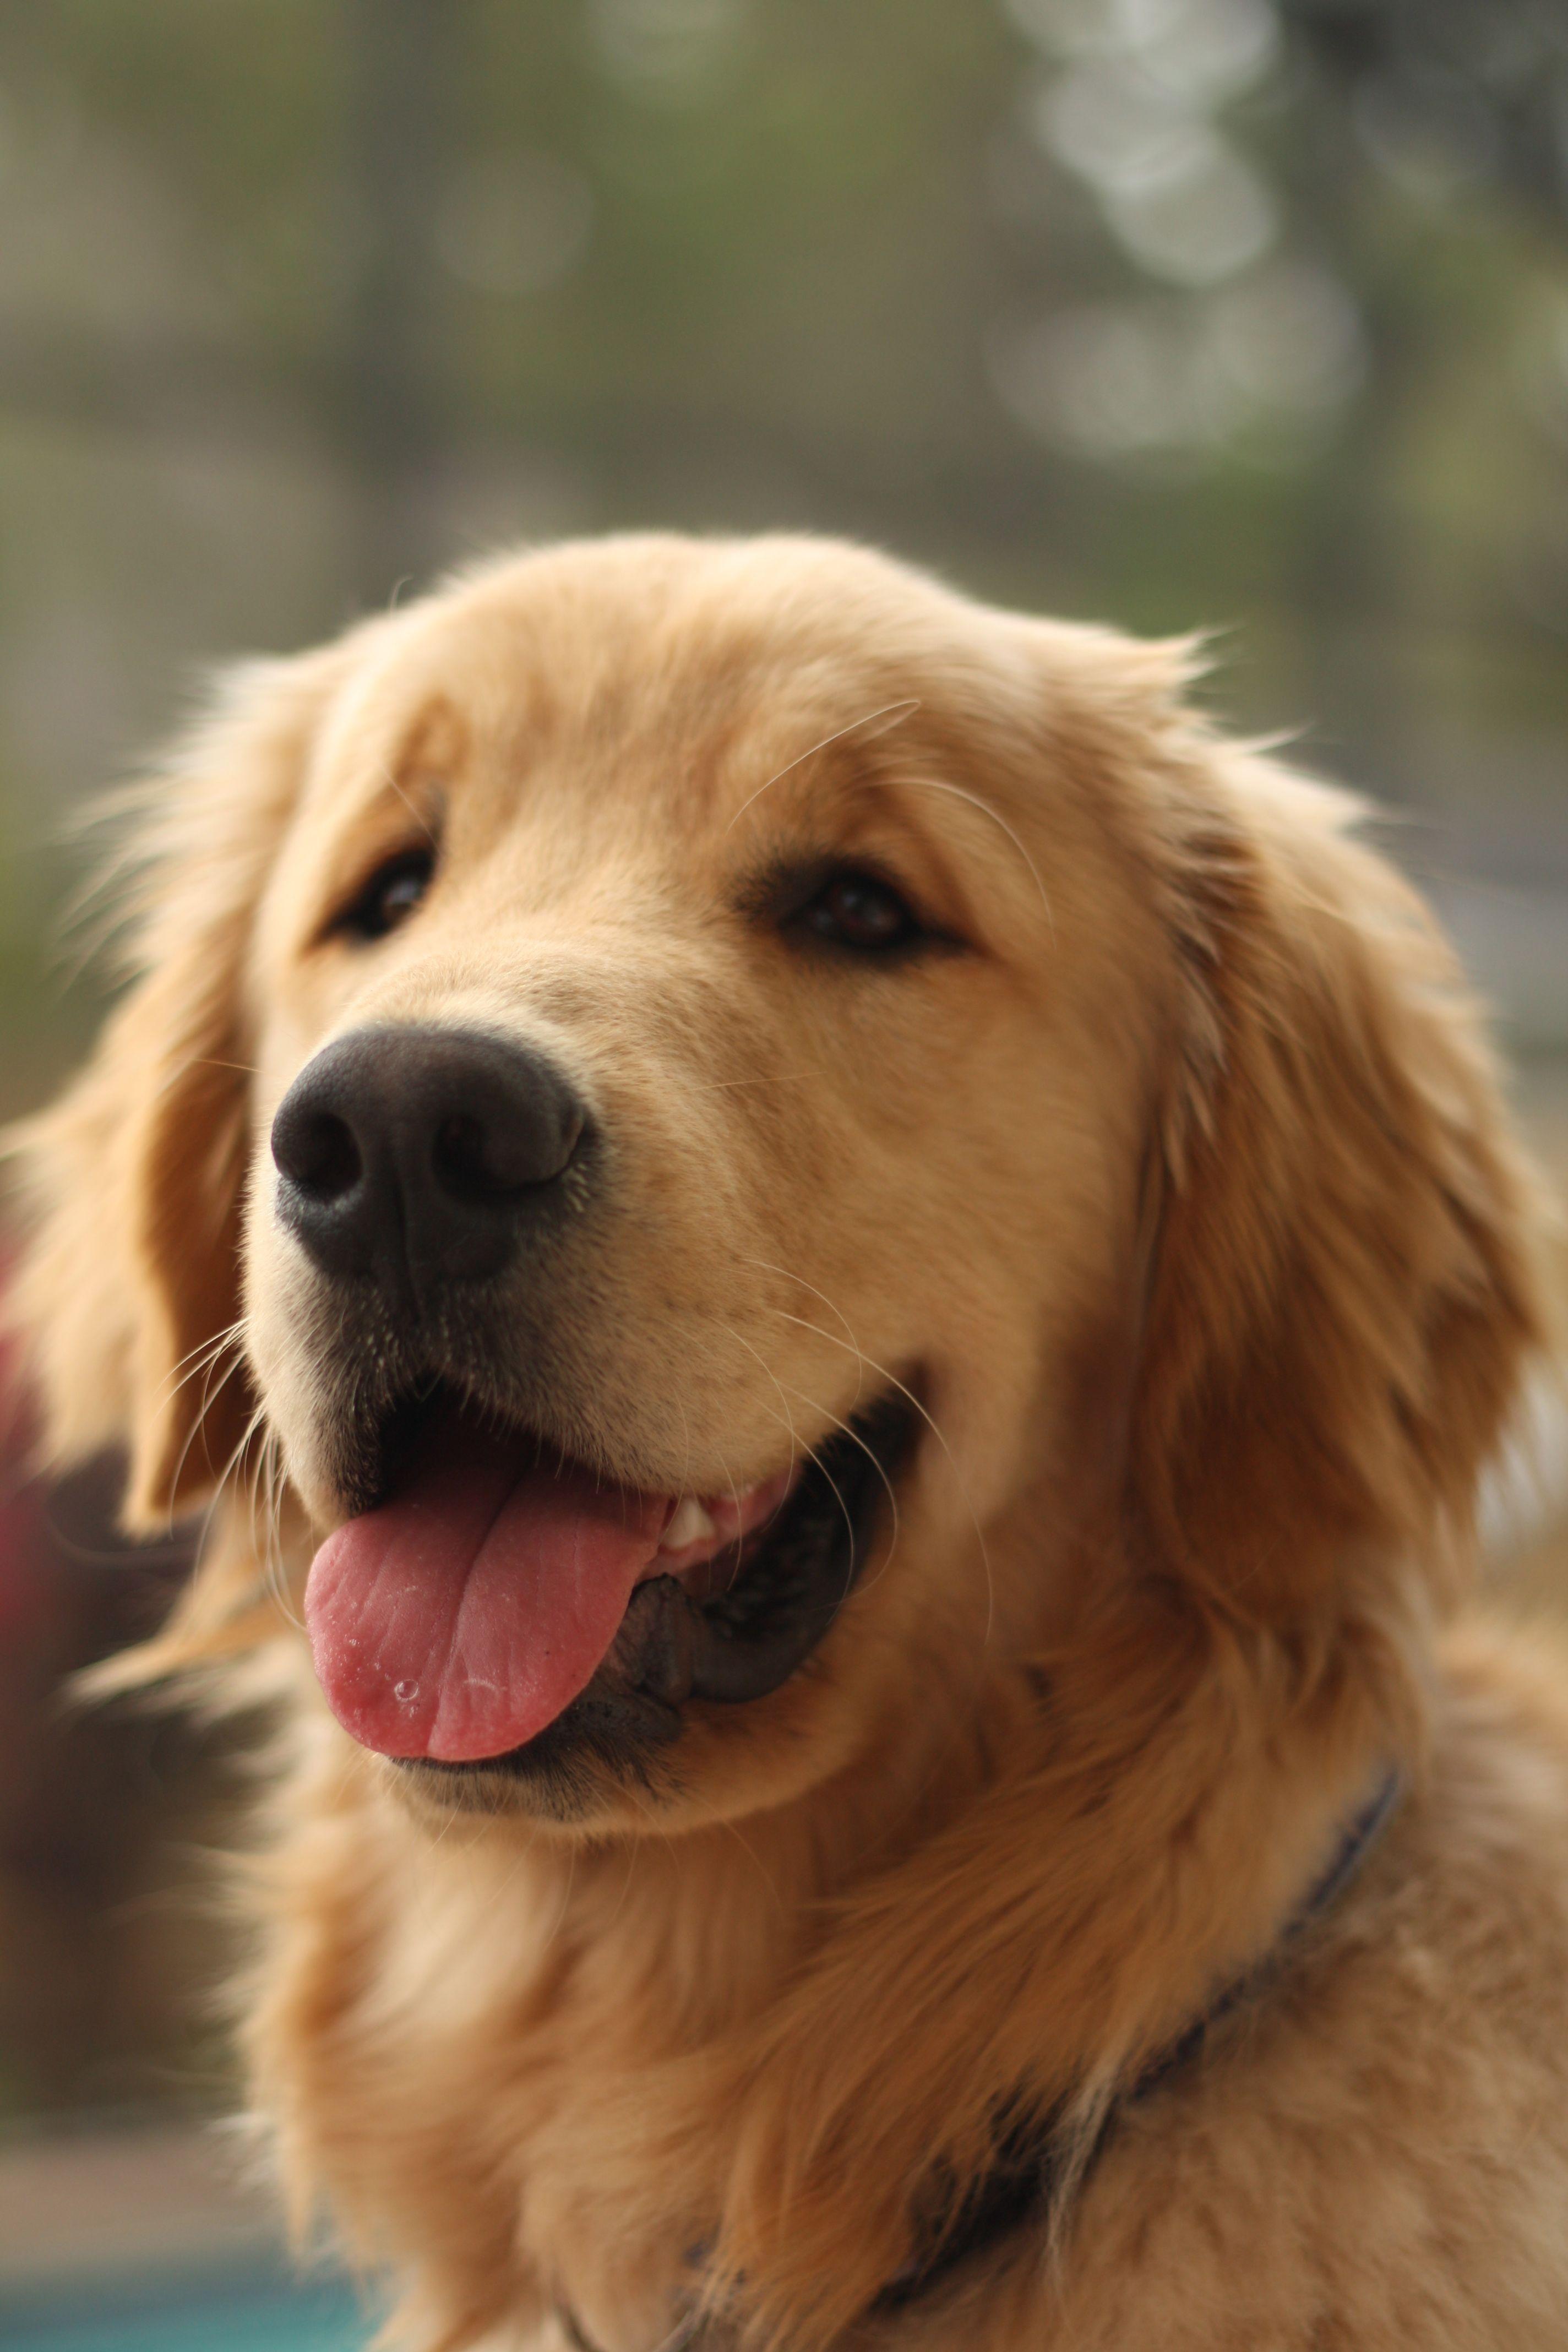 Sweet Face Dogs Retriever Puppy Golden Retriever